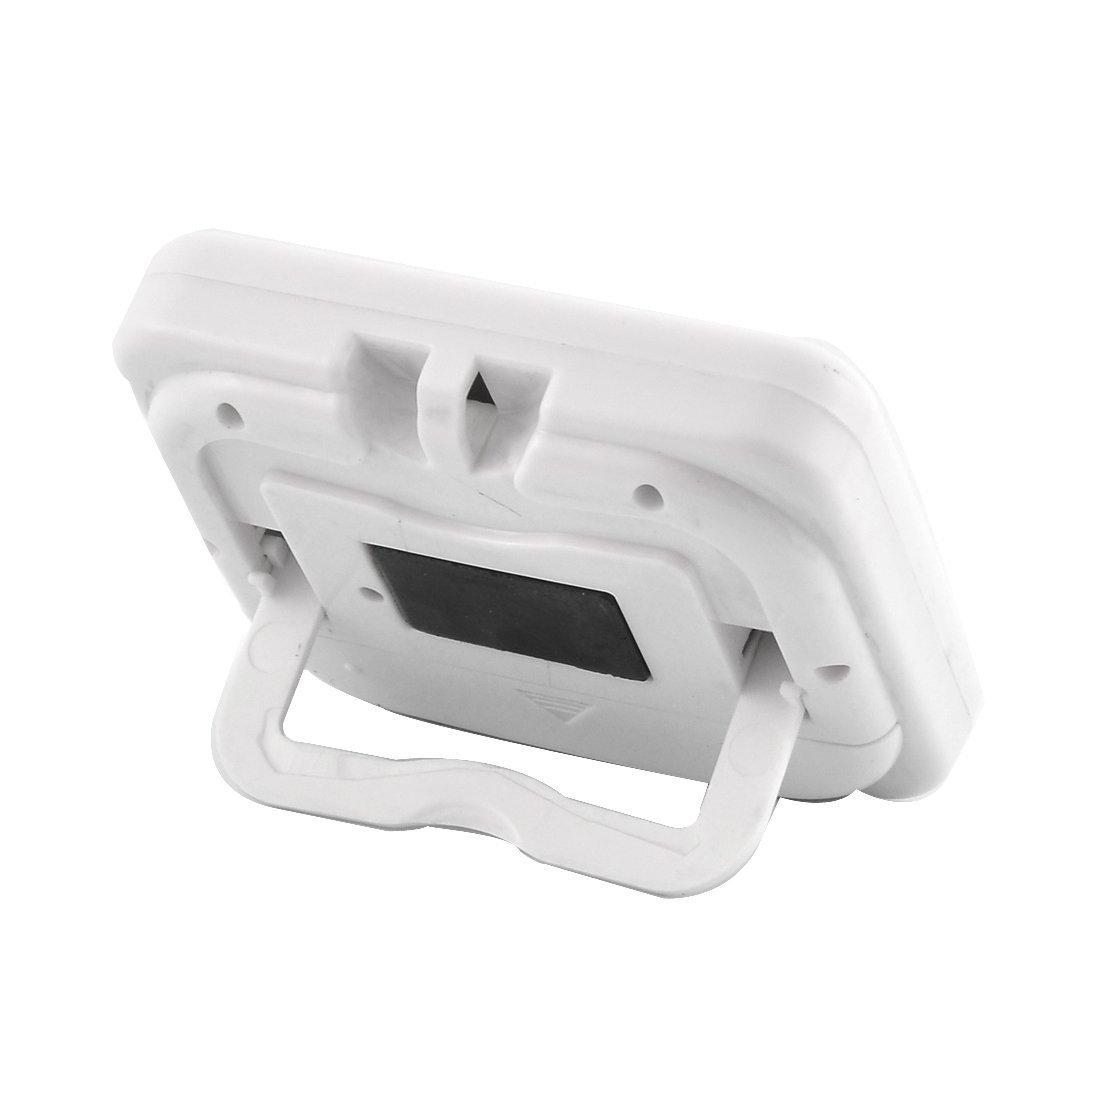 Amazon.com: eDealMax ABS LCD de batería Desarrollado digital de cuenta atrás de alarma Hasta reloj temporizador Blanca: Kitchen & Dining